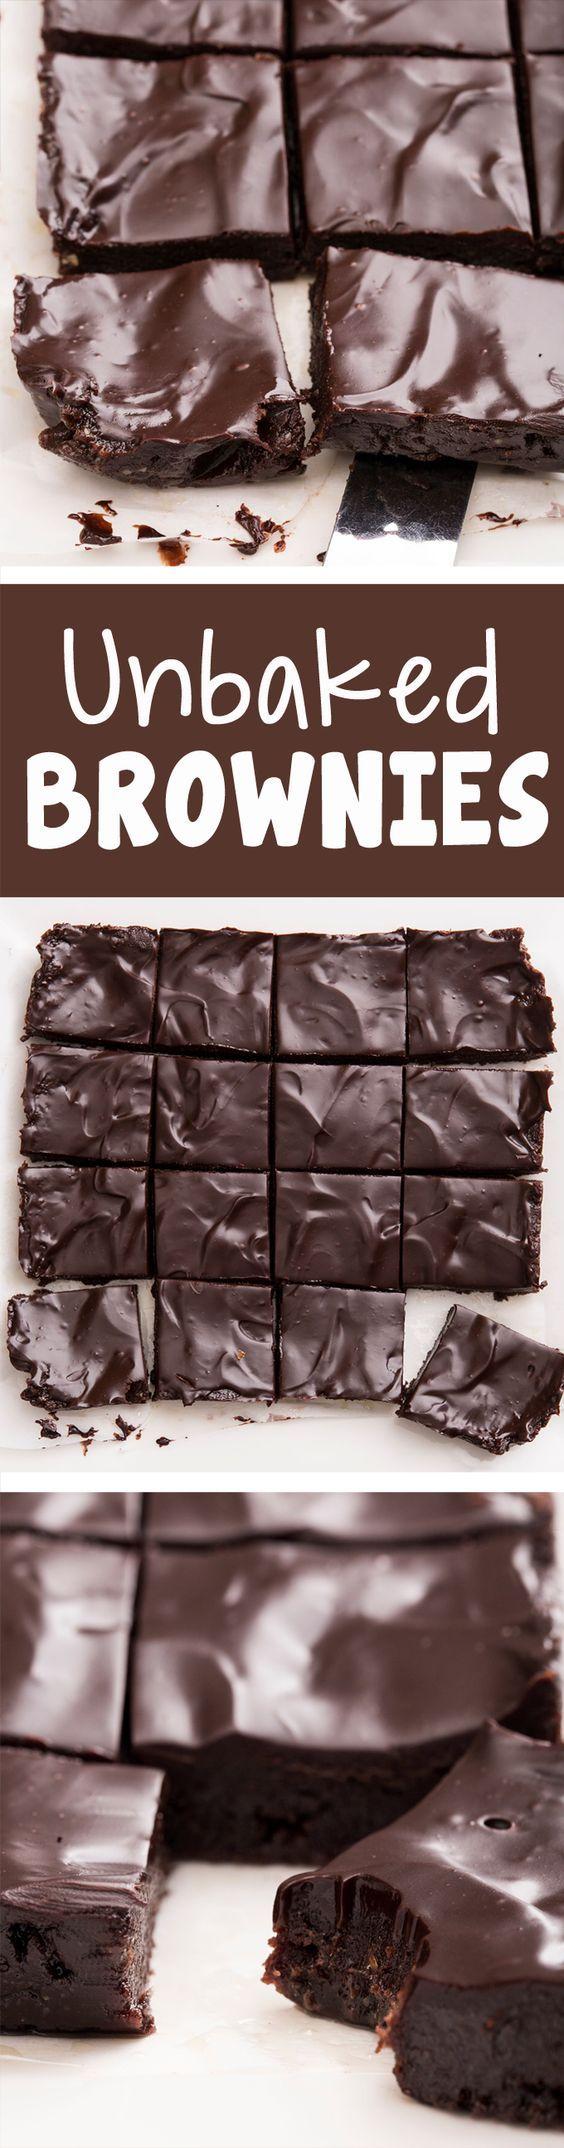 Secretly healthy unbaked brownies